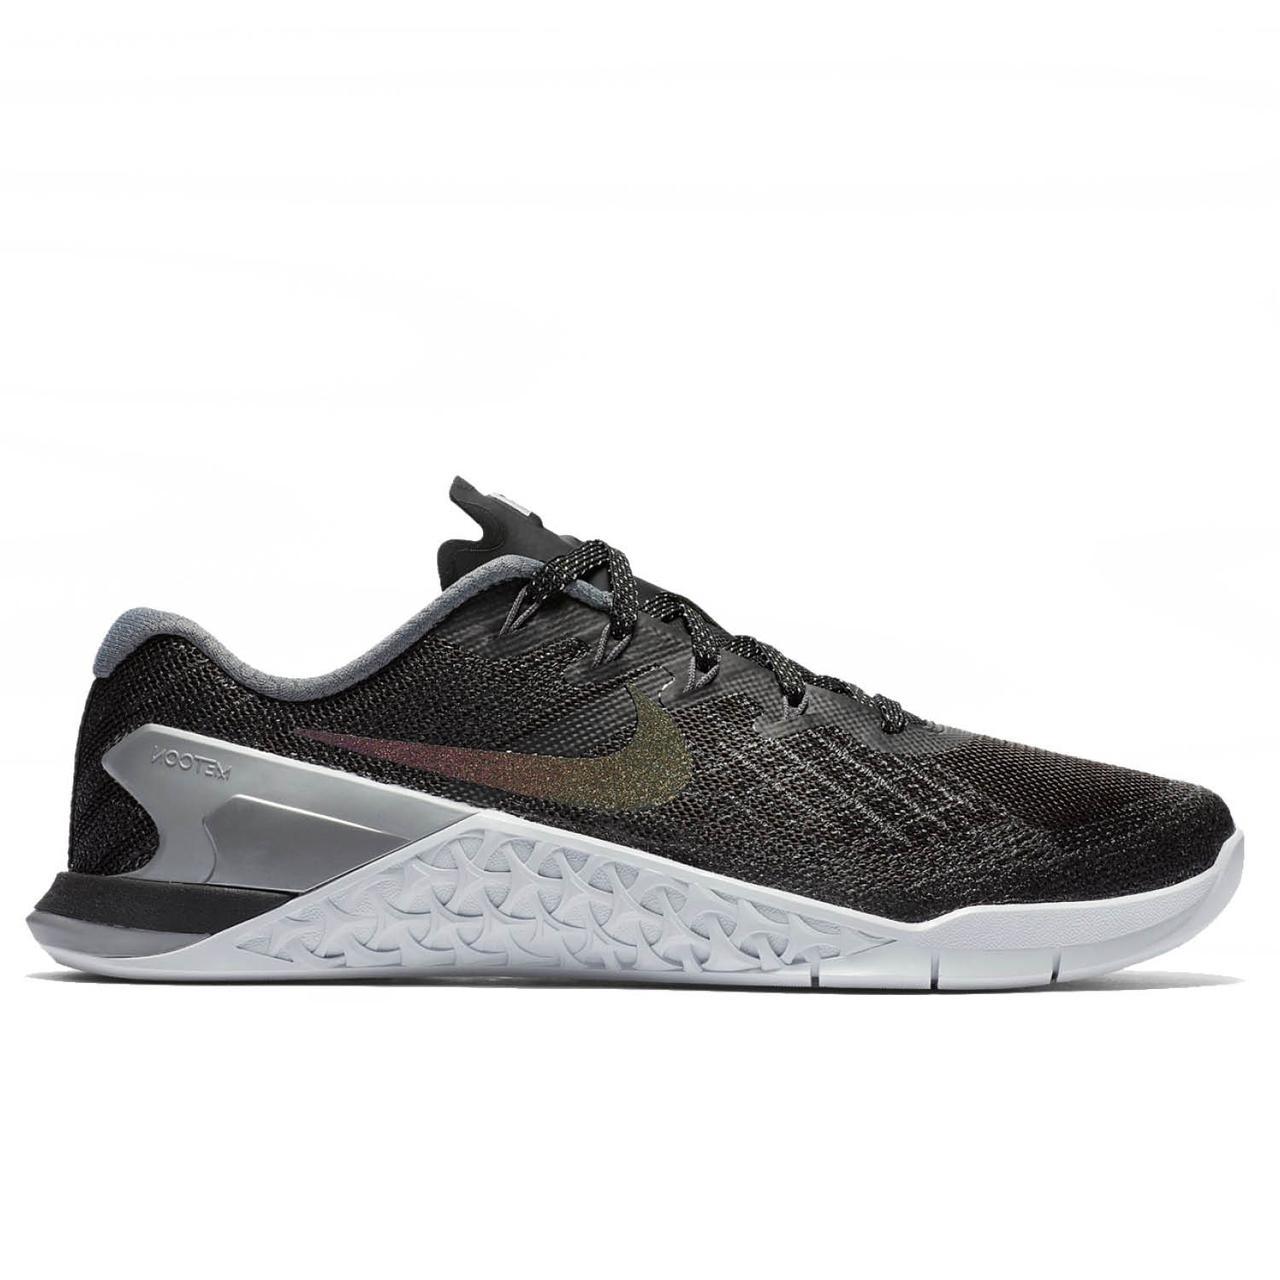 be5f335a Оригинальные кроссовки Nike Metcon 3 Metallic: продажа, цена в Ивано ...